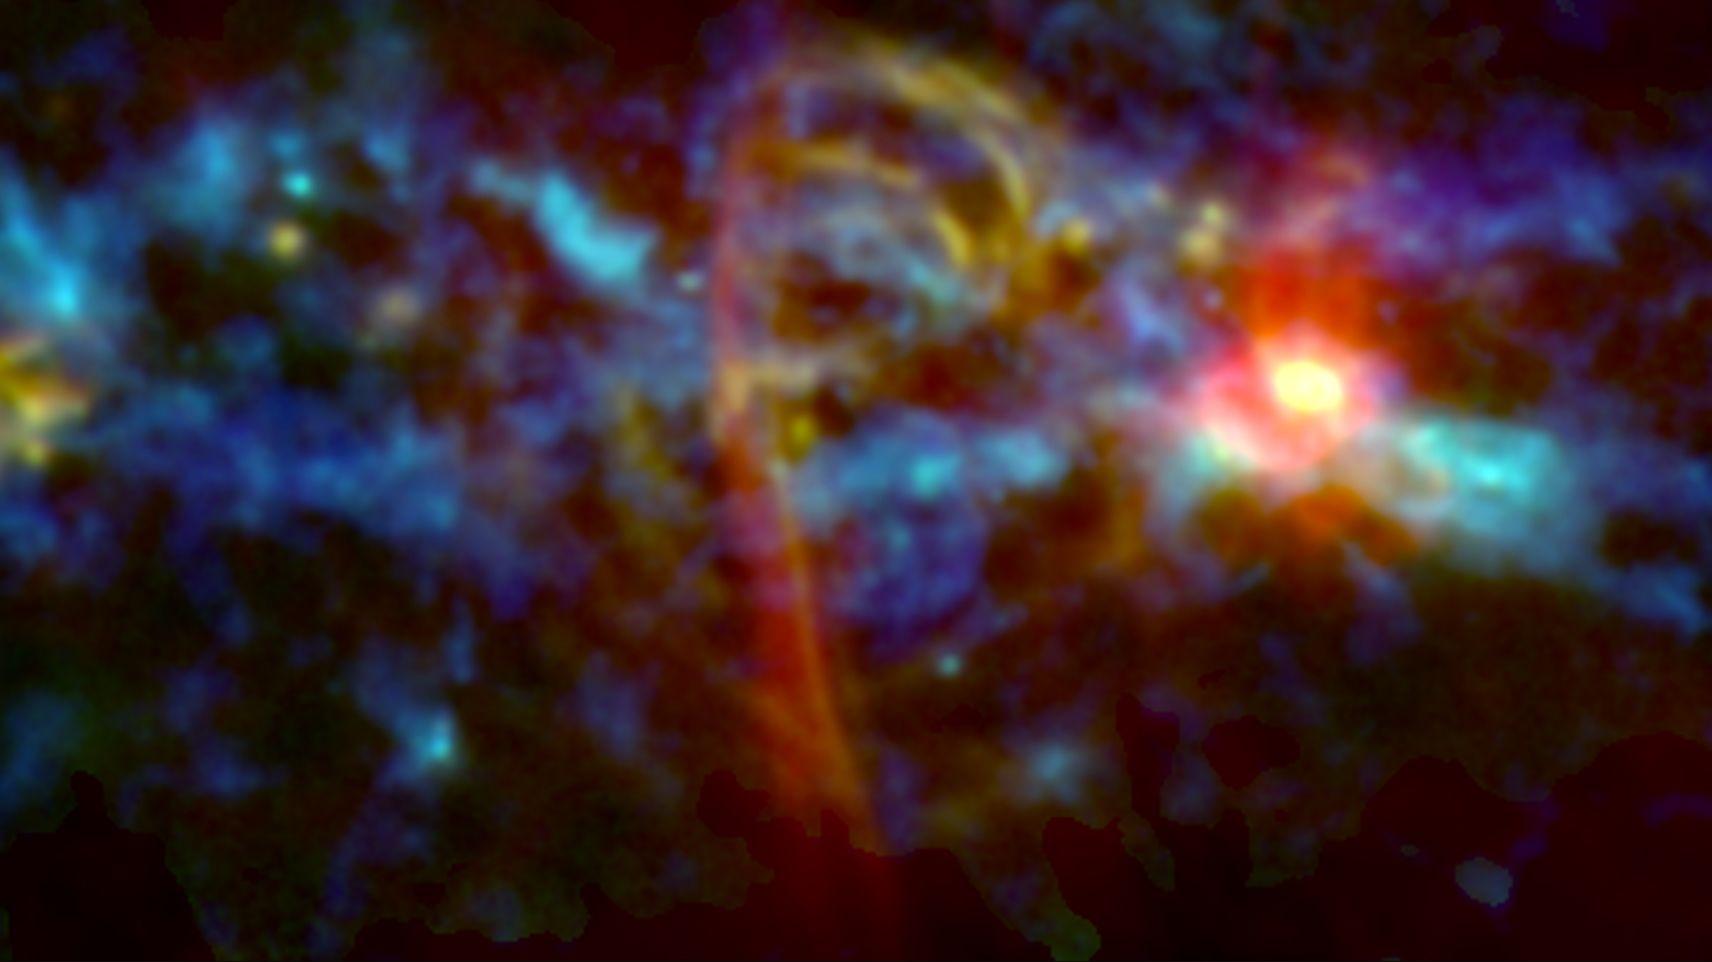 Bild vom Zentrum der Milchstraße mit Struktur, die einem Spazierstock ähnelt.